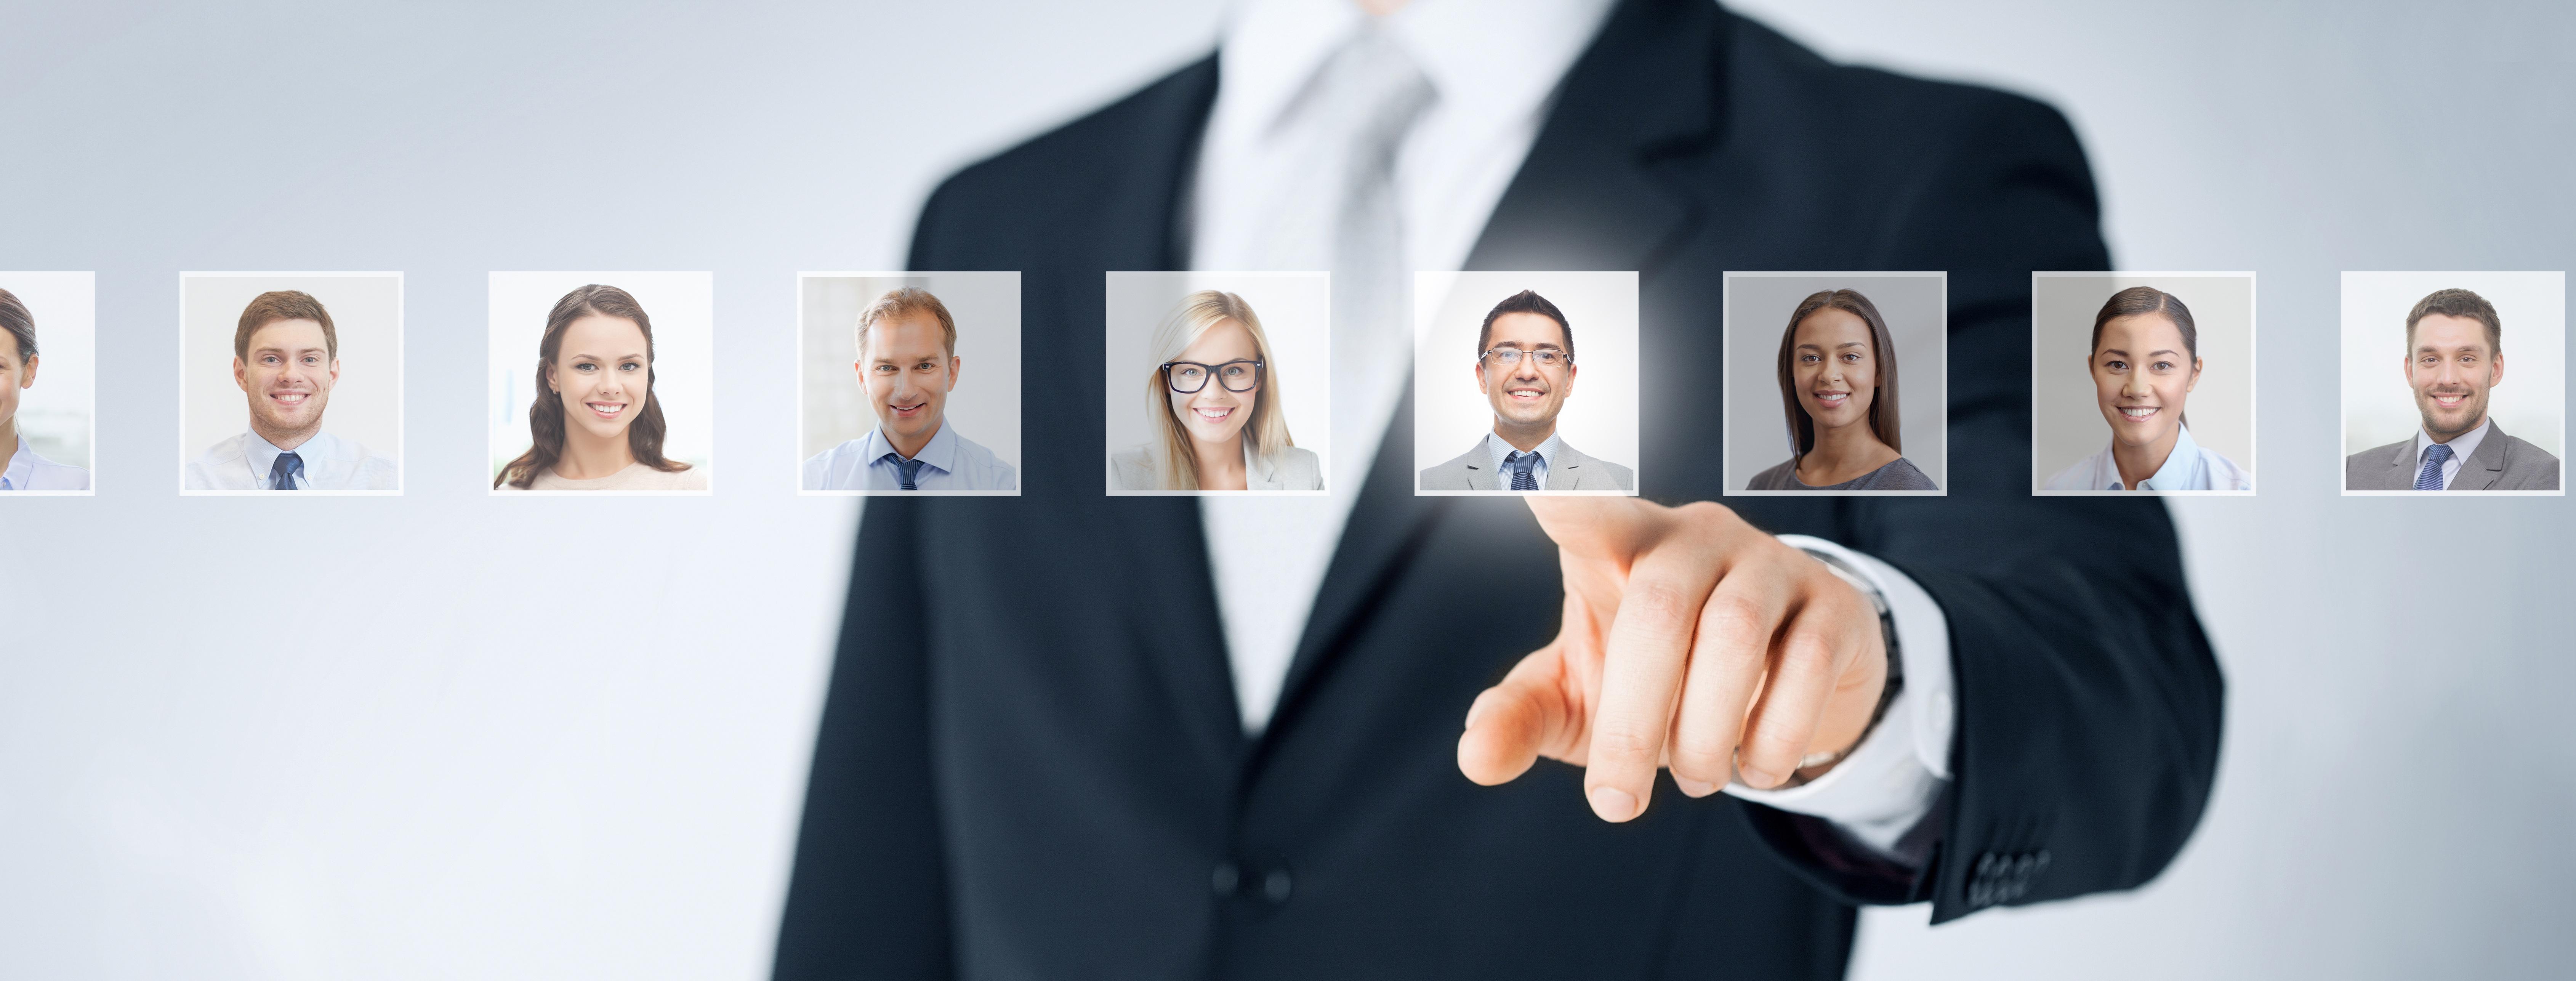 Atracción de talento: 3 beneficios del Headhunting